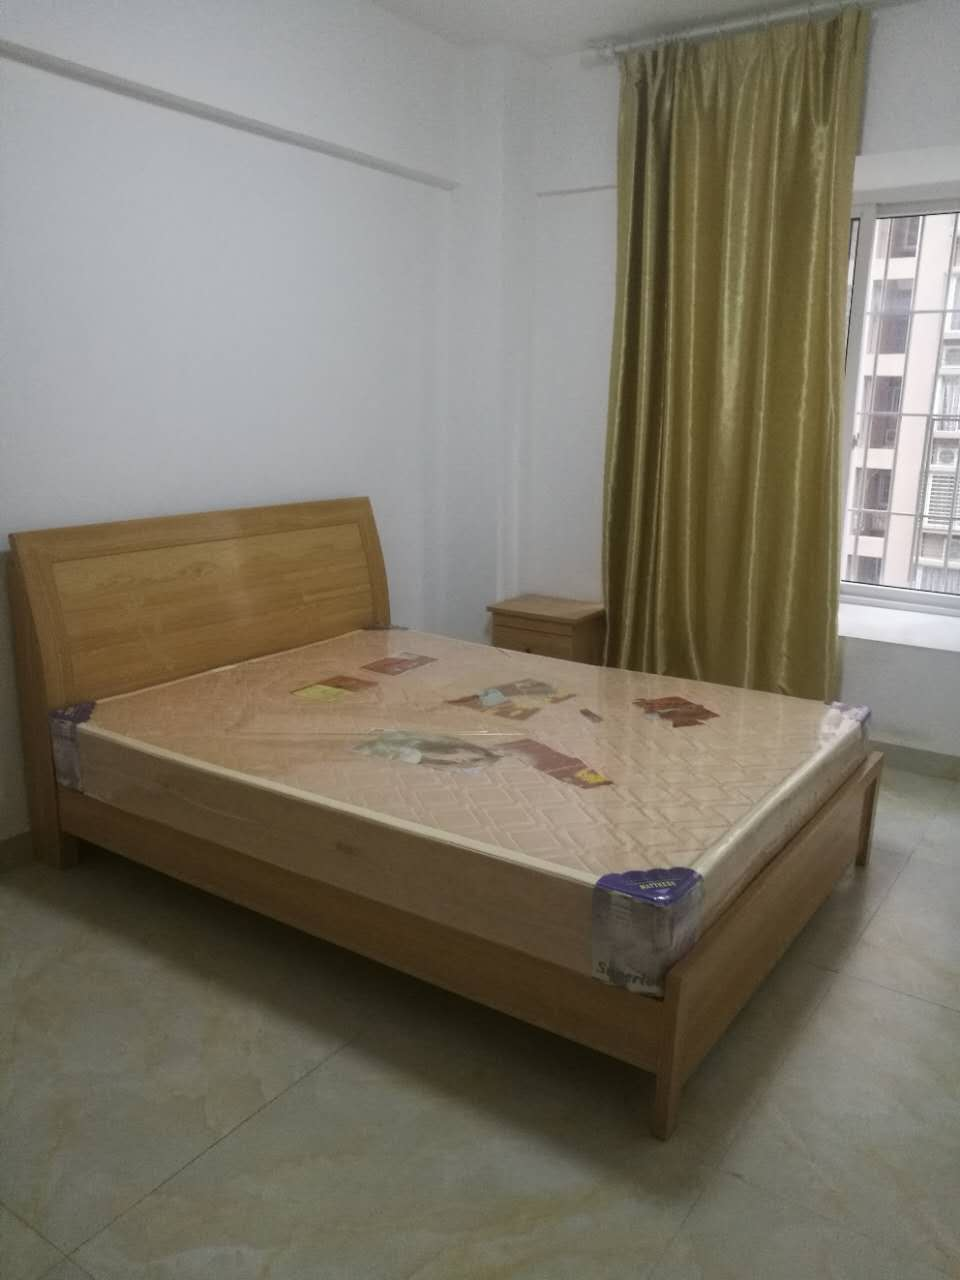 钱隆学府莘园 1300元 2室1厅1卫 普通装修,价格便